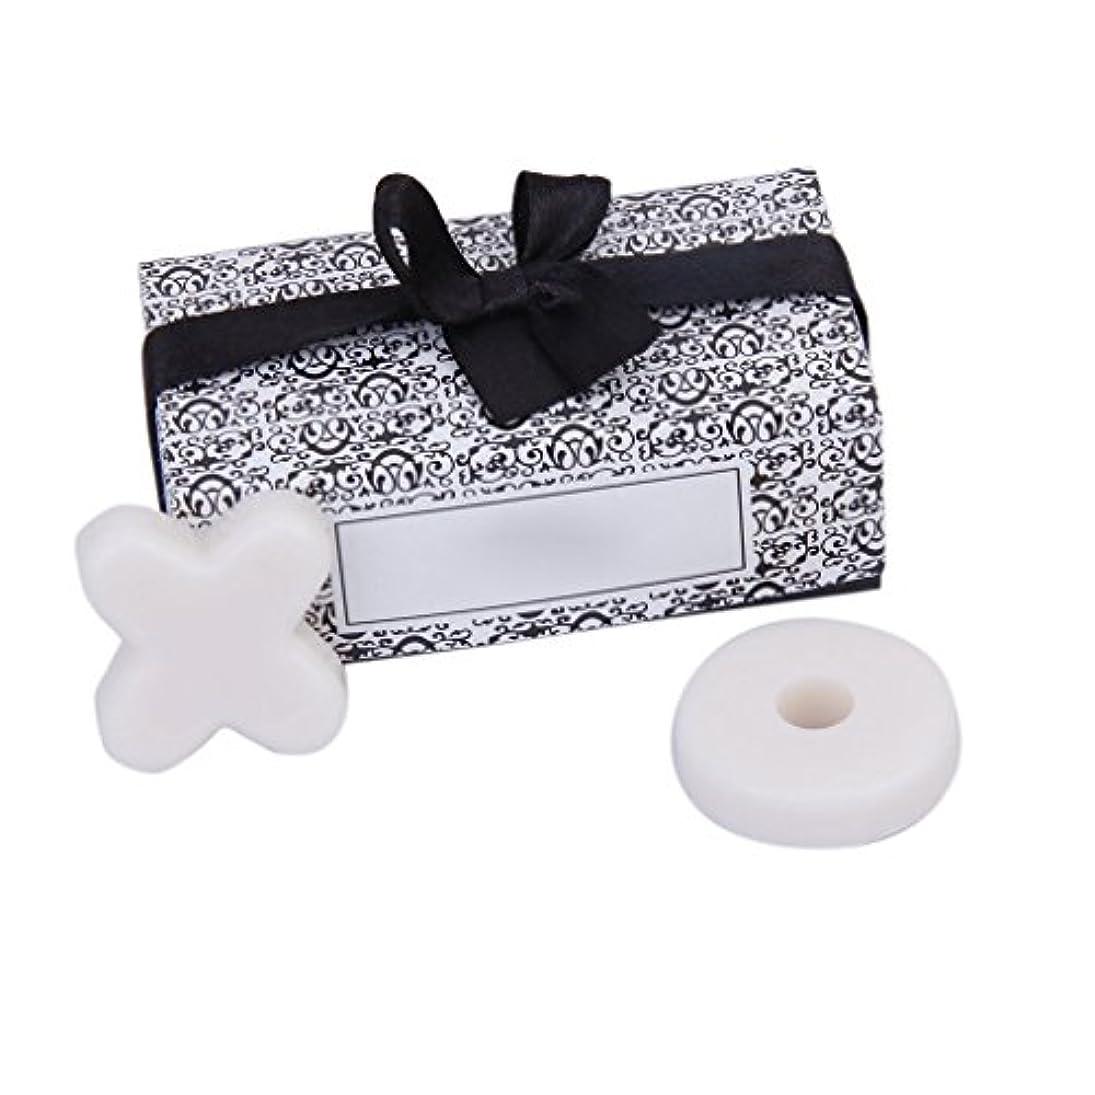 講義競争心理的SODIAL(R) トレンディーかわいい香り 石鹸 結婚式のギフト XO石鹸 パーティー、ベビーシャワー用 ホワイト